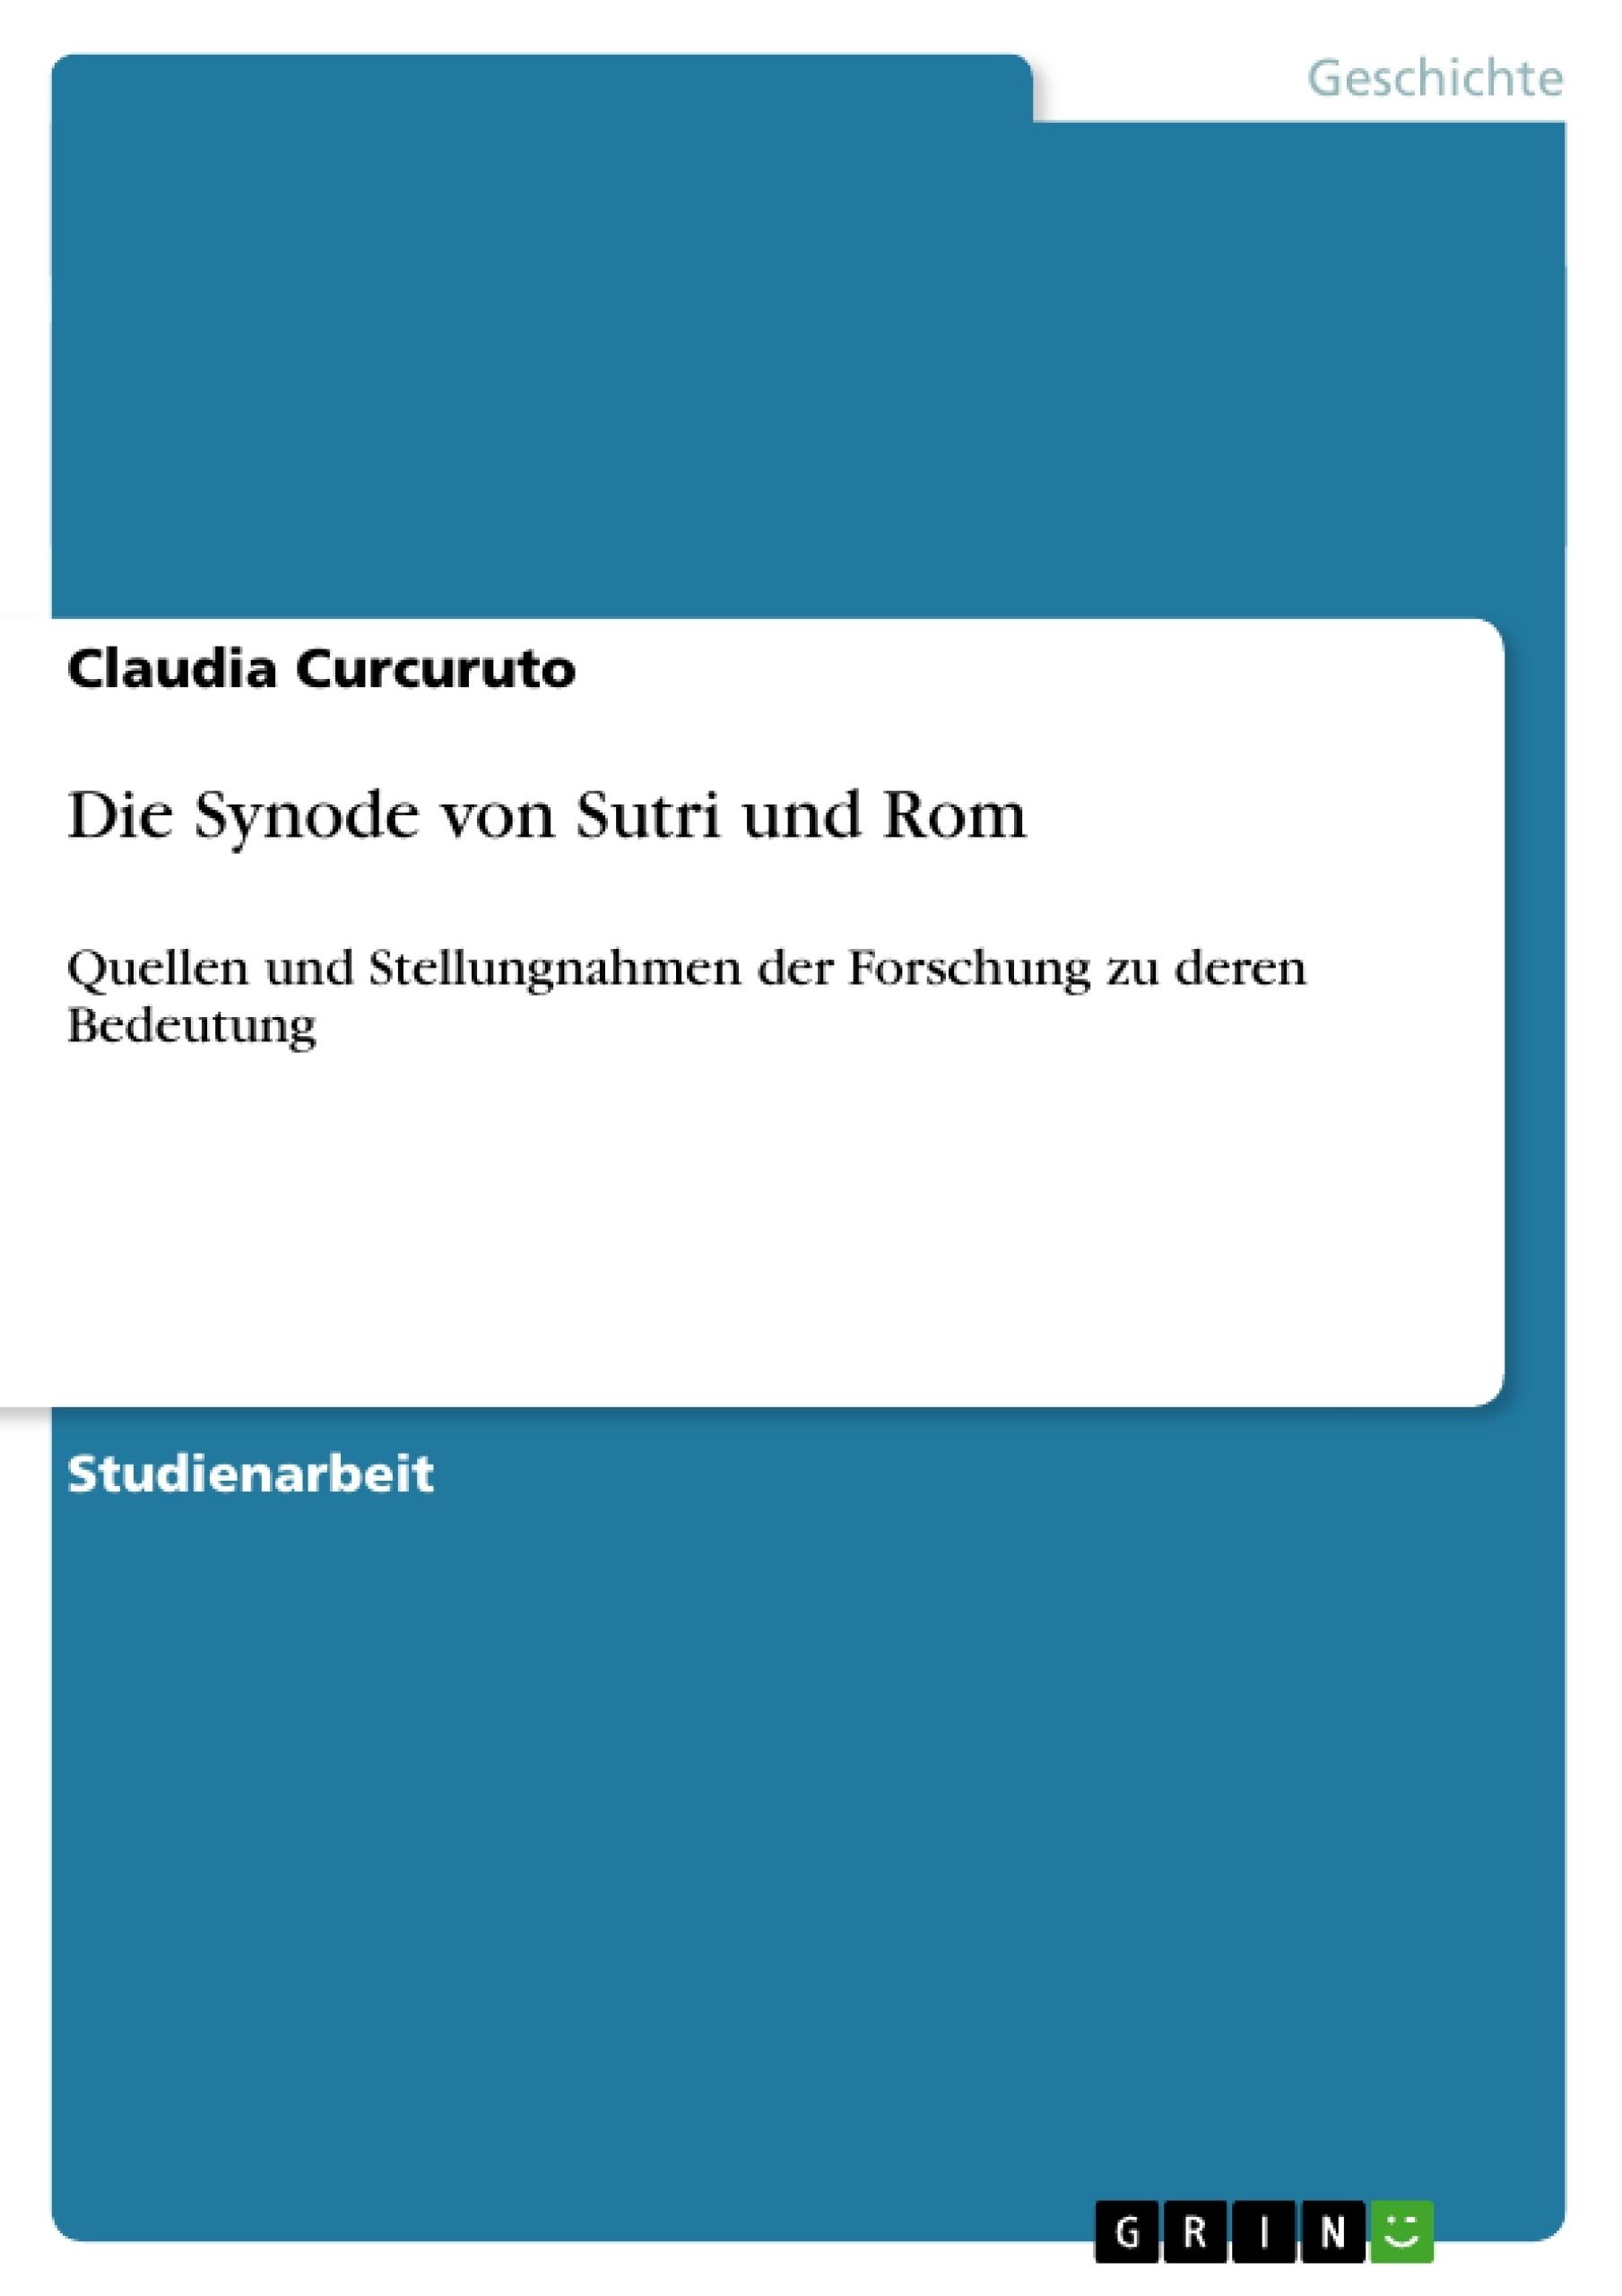 Titel: Die Synode von Sutri und Rom